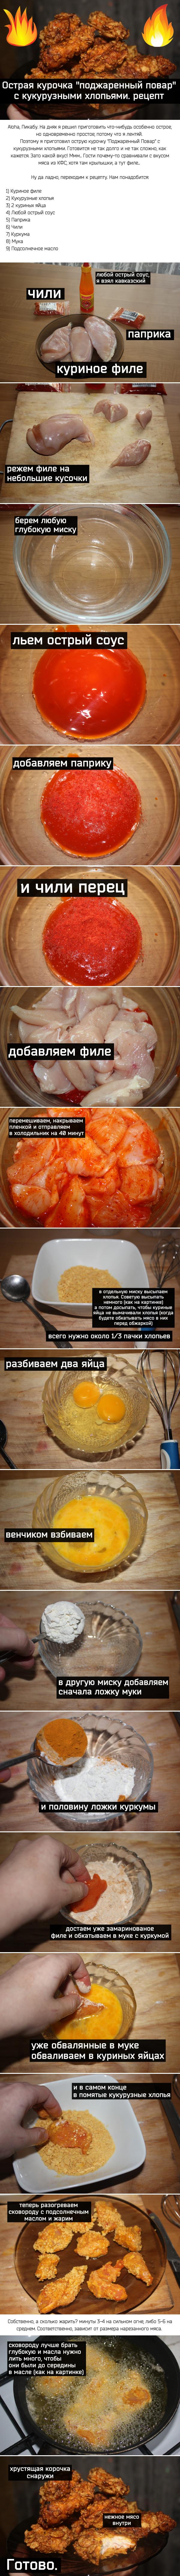 """Острая курочка """"поджаренный повар"""" с кукурузными хлопьми. Рецепт Рецепт, Рецепты курицы, Филе, Острая курочка, Кукурузные хлопья, Кулинария, Моё, Длиннопост"""